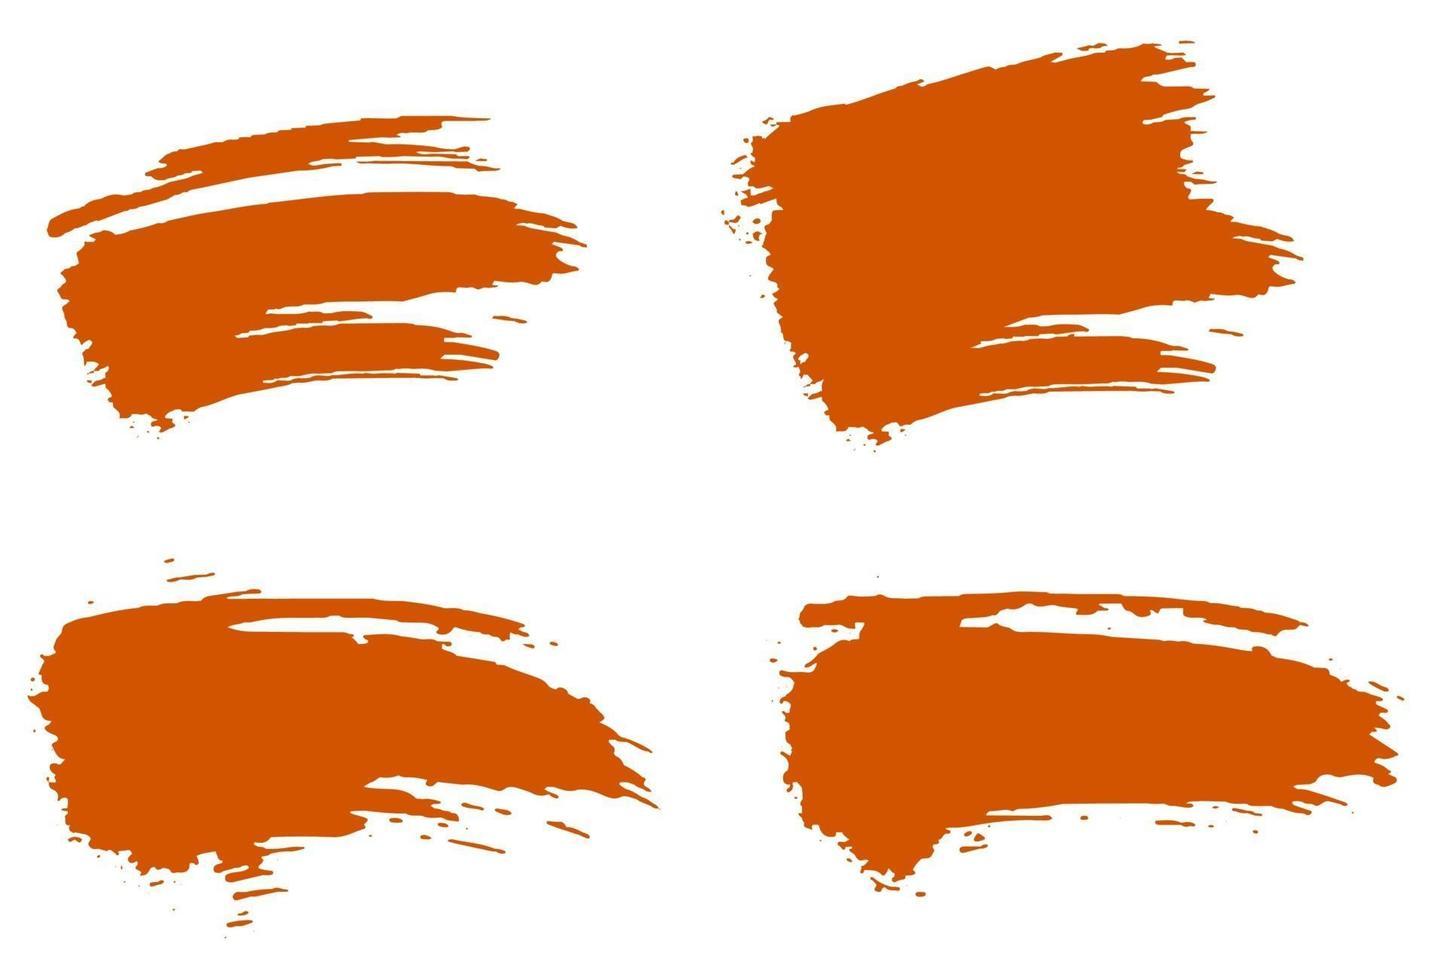 conjunto de sublimação grunge pincel laranja grunge vetor